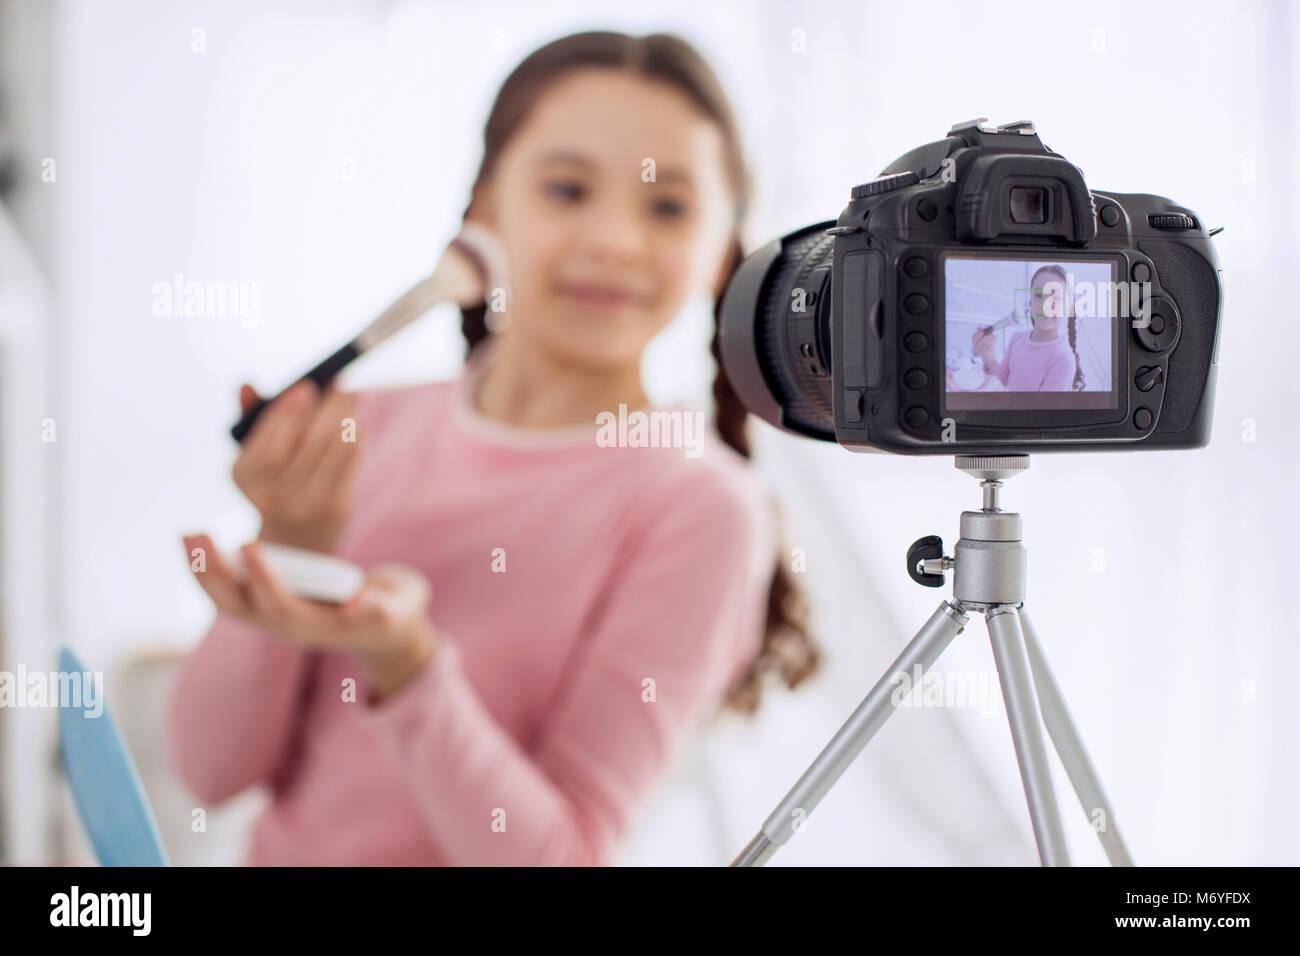 Makeup tutorial stock photos makeup tutorial stock images alamy professional camera filming girl making makeup tutorial stock image baditri Images